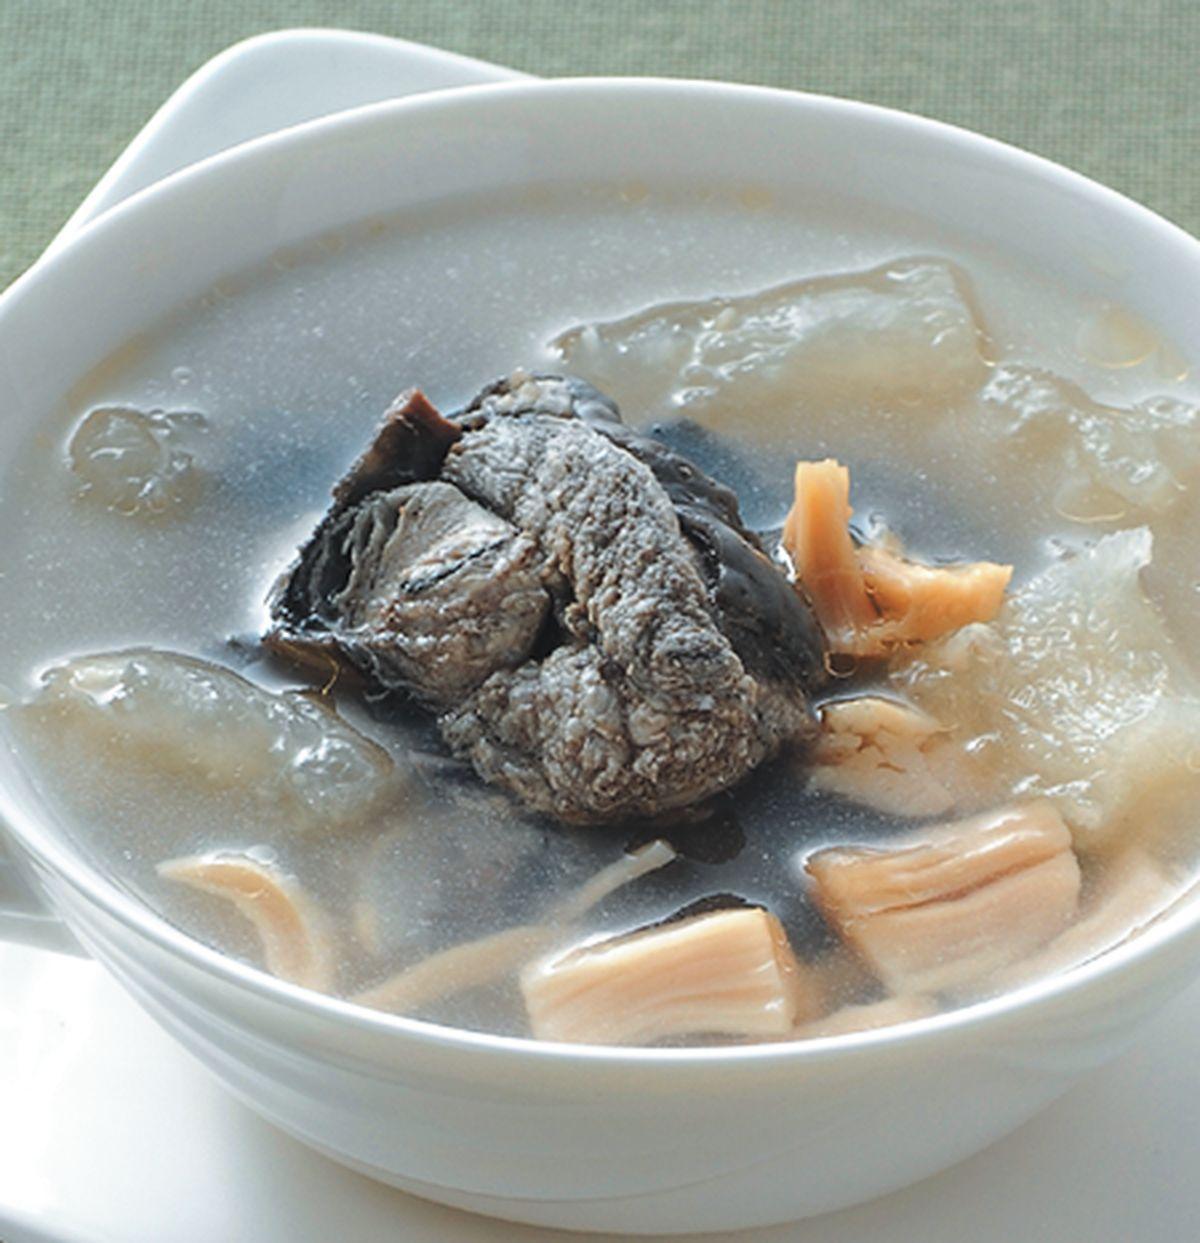 食譜:干貝蹄筋燉雞湯